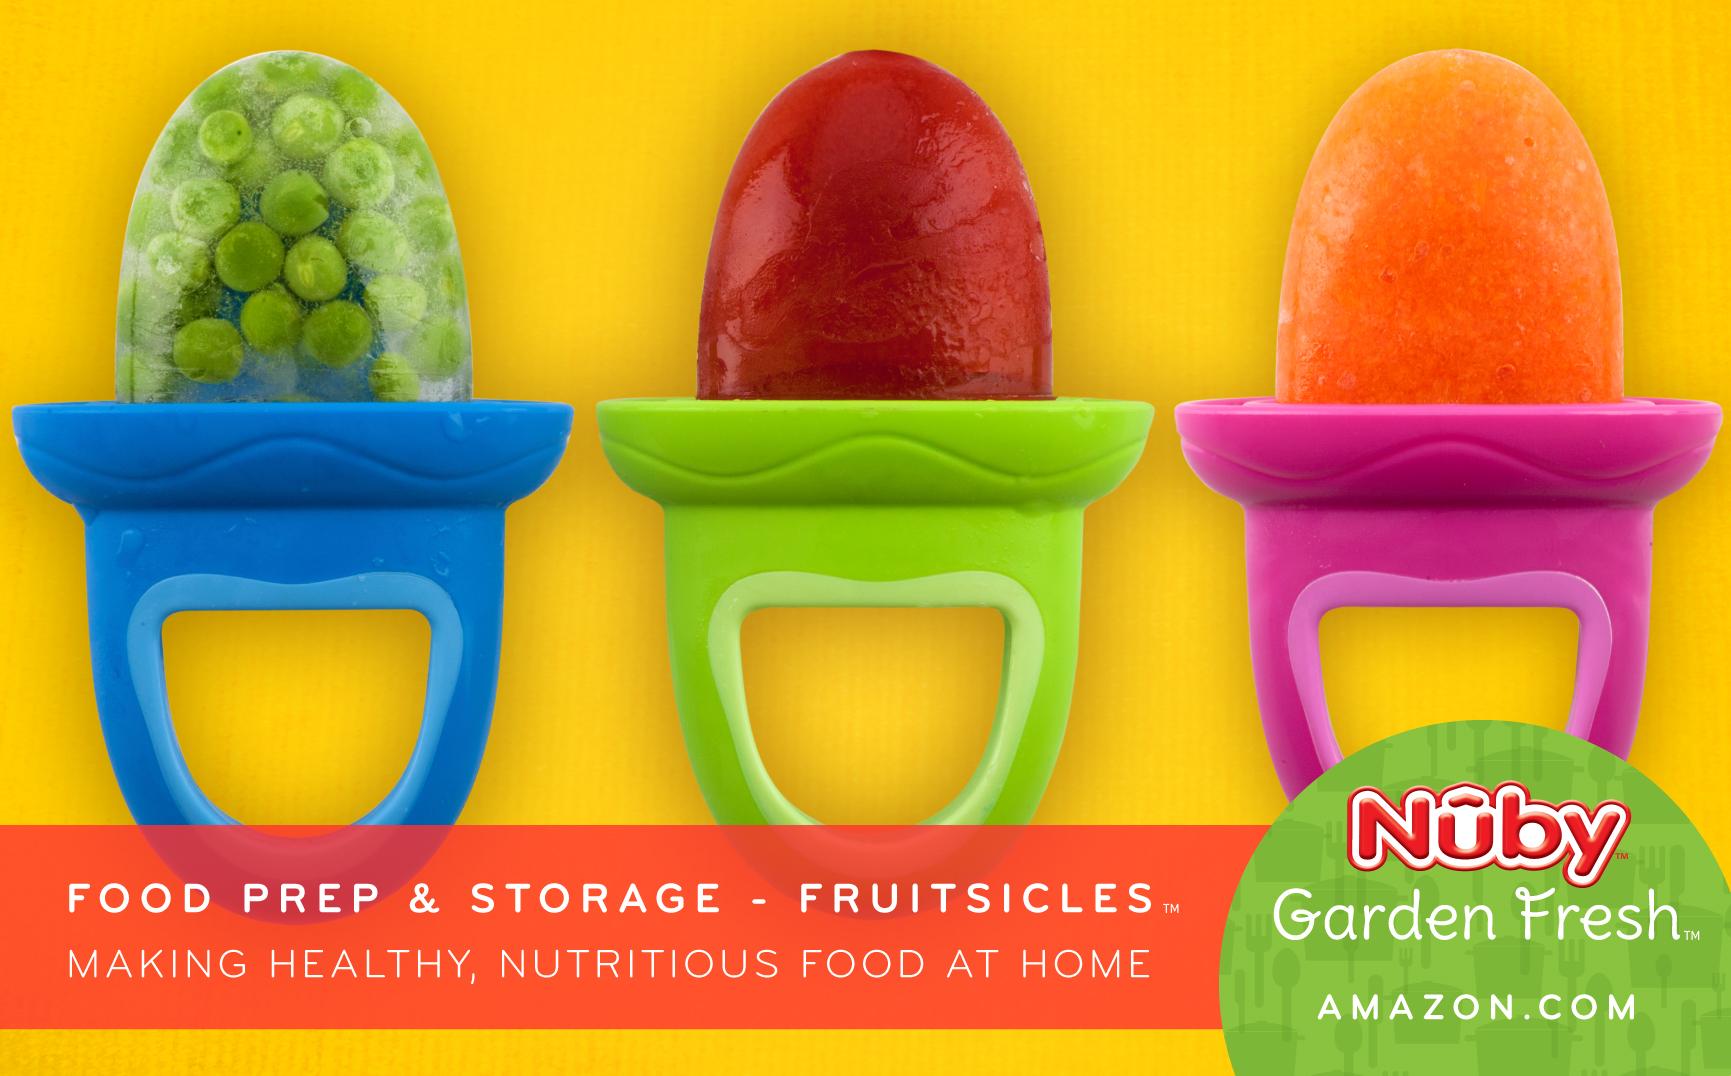 Nuby's Garden Fresh Fruitsicles